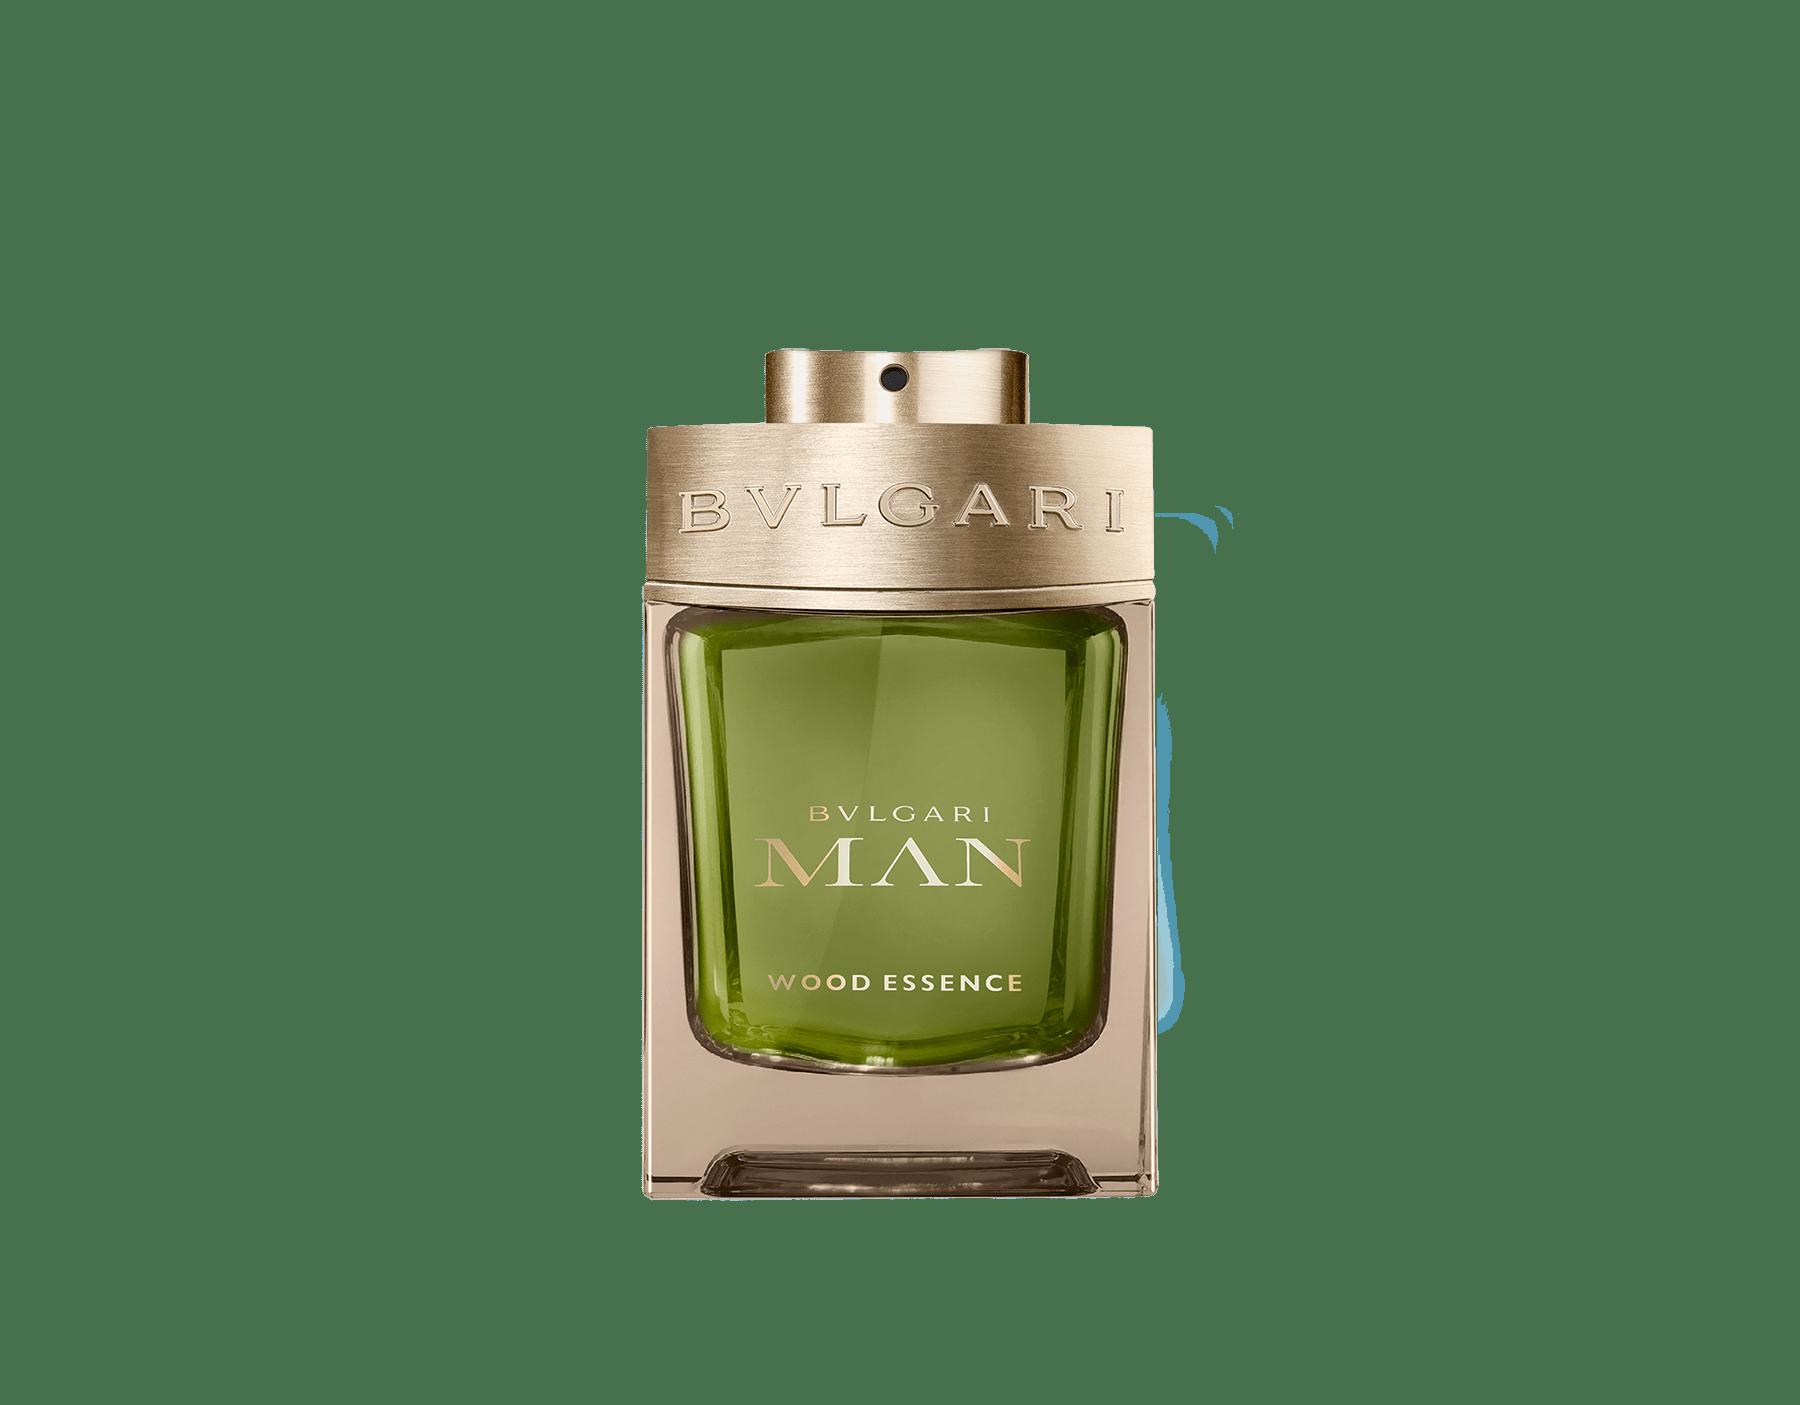 Une signature boisée nouvelle génération composée des essences les plus raffinées de la parfumerie – le cèdre, le cyprès et le vétiver – faisant écho aux notes chaudes et ensoleillées des résines de benjoin 46101 image 1